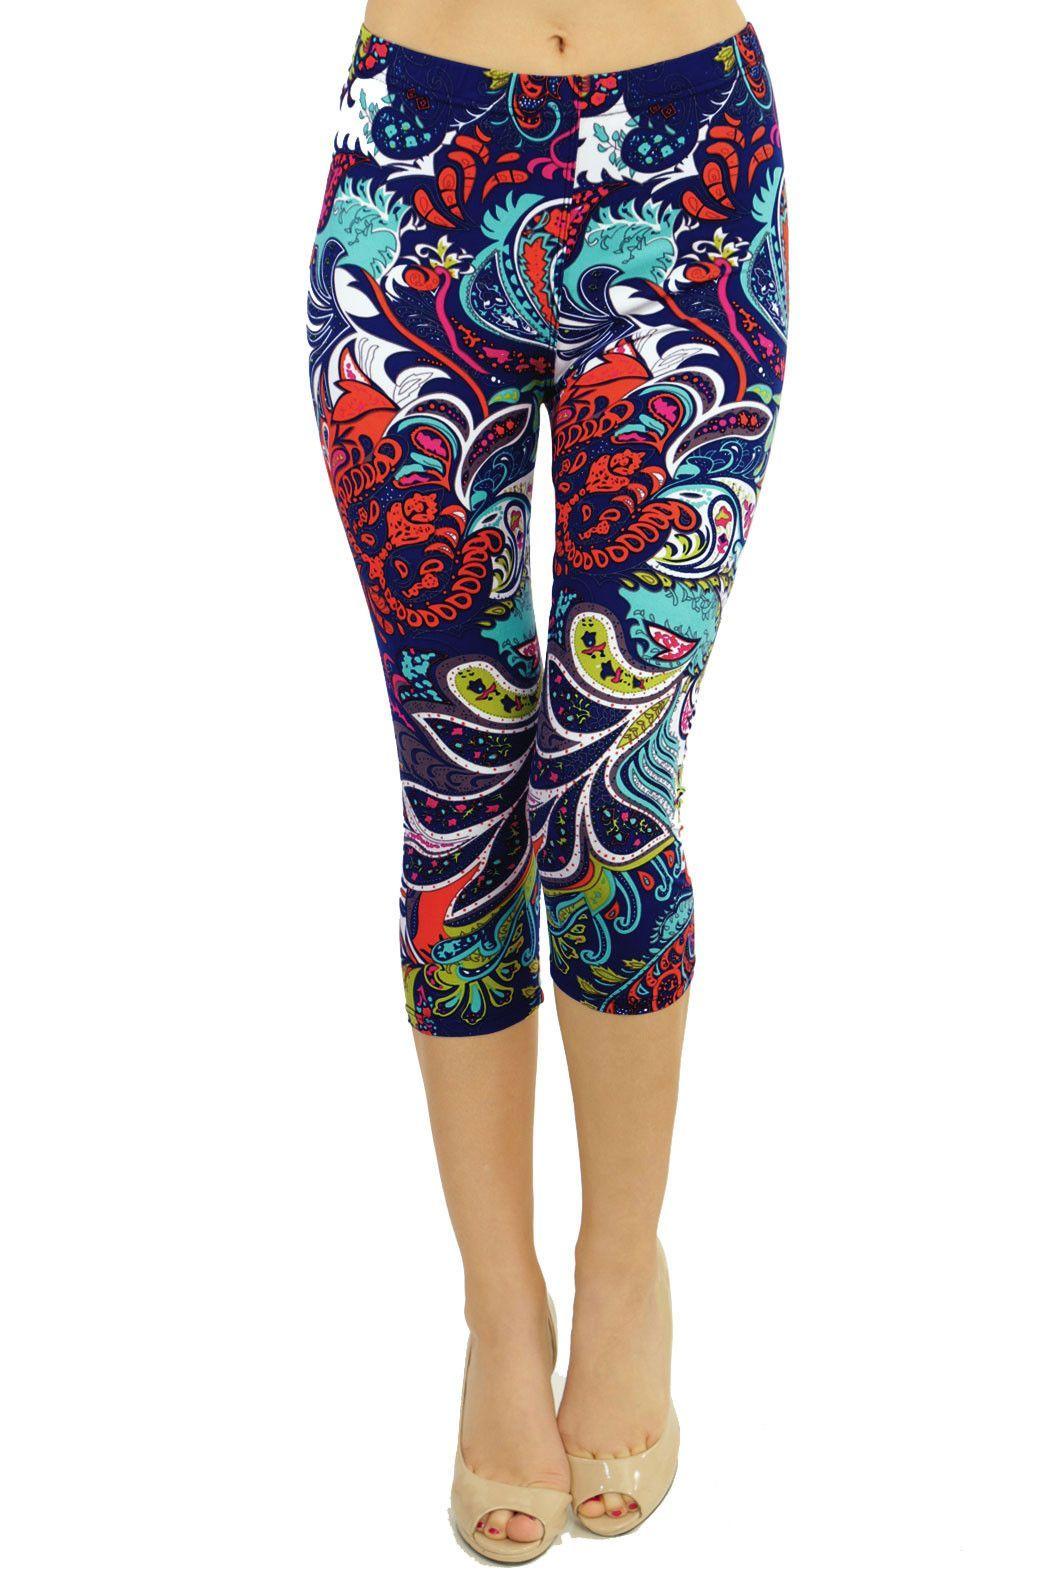 High Quality Printed Leggings Regular, Plus in Full length / Capri length - Chromatic Splash